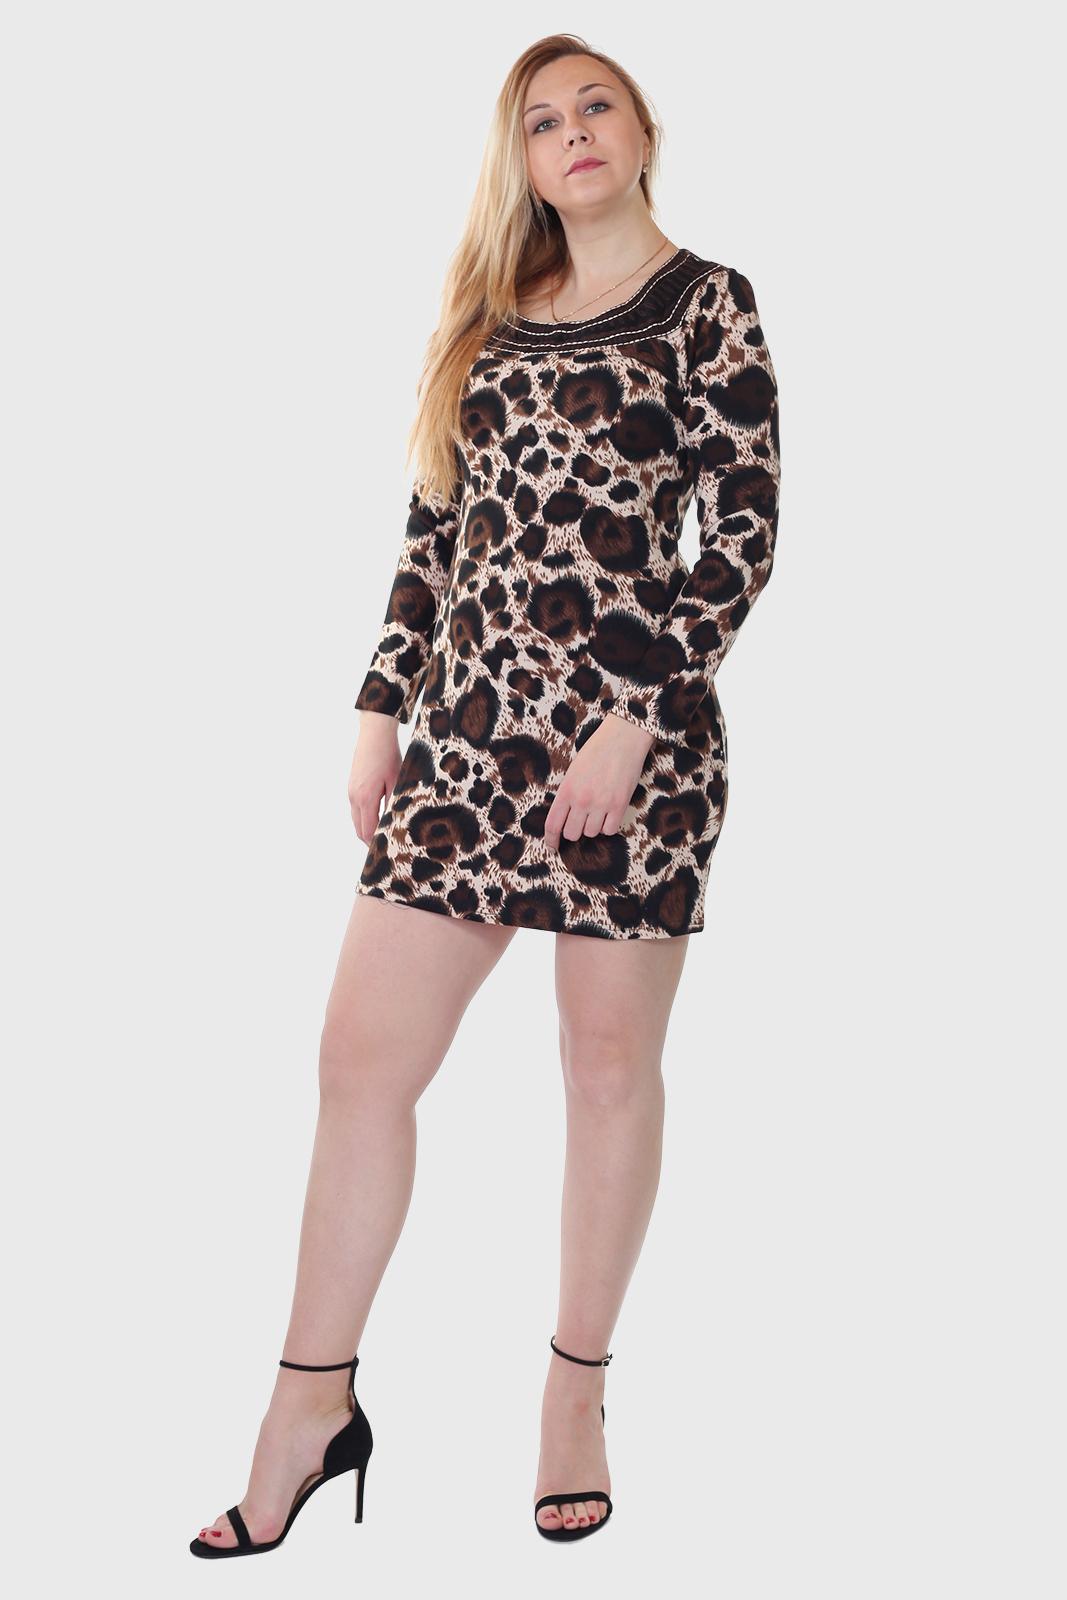 Купить в Москве красивое короткое платье Ada Gatti